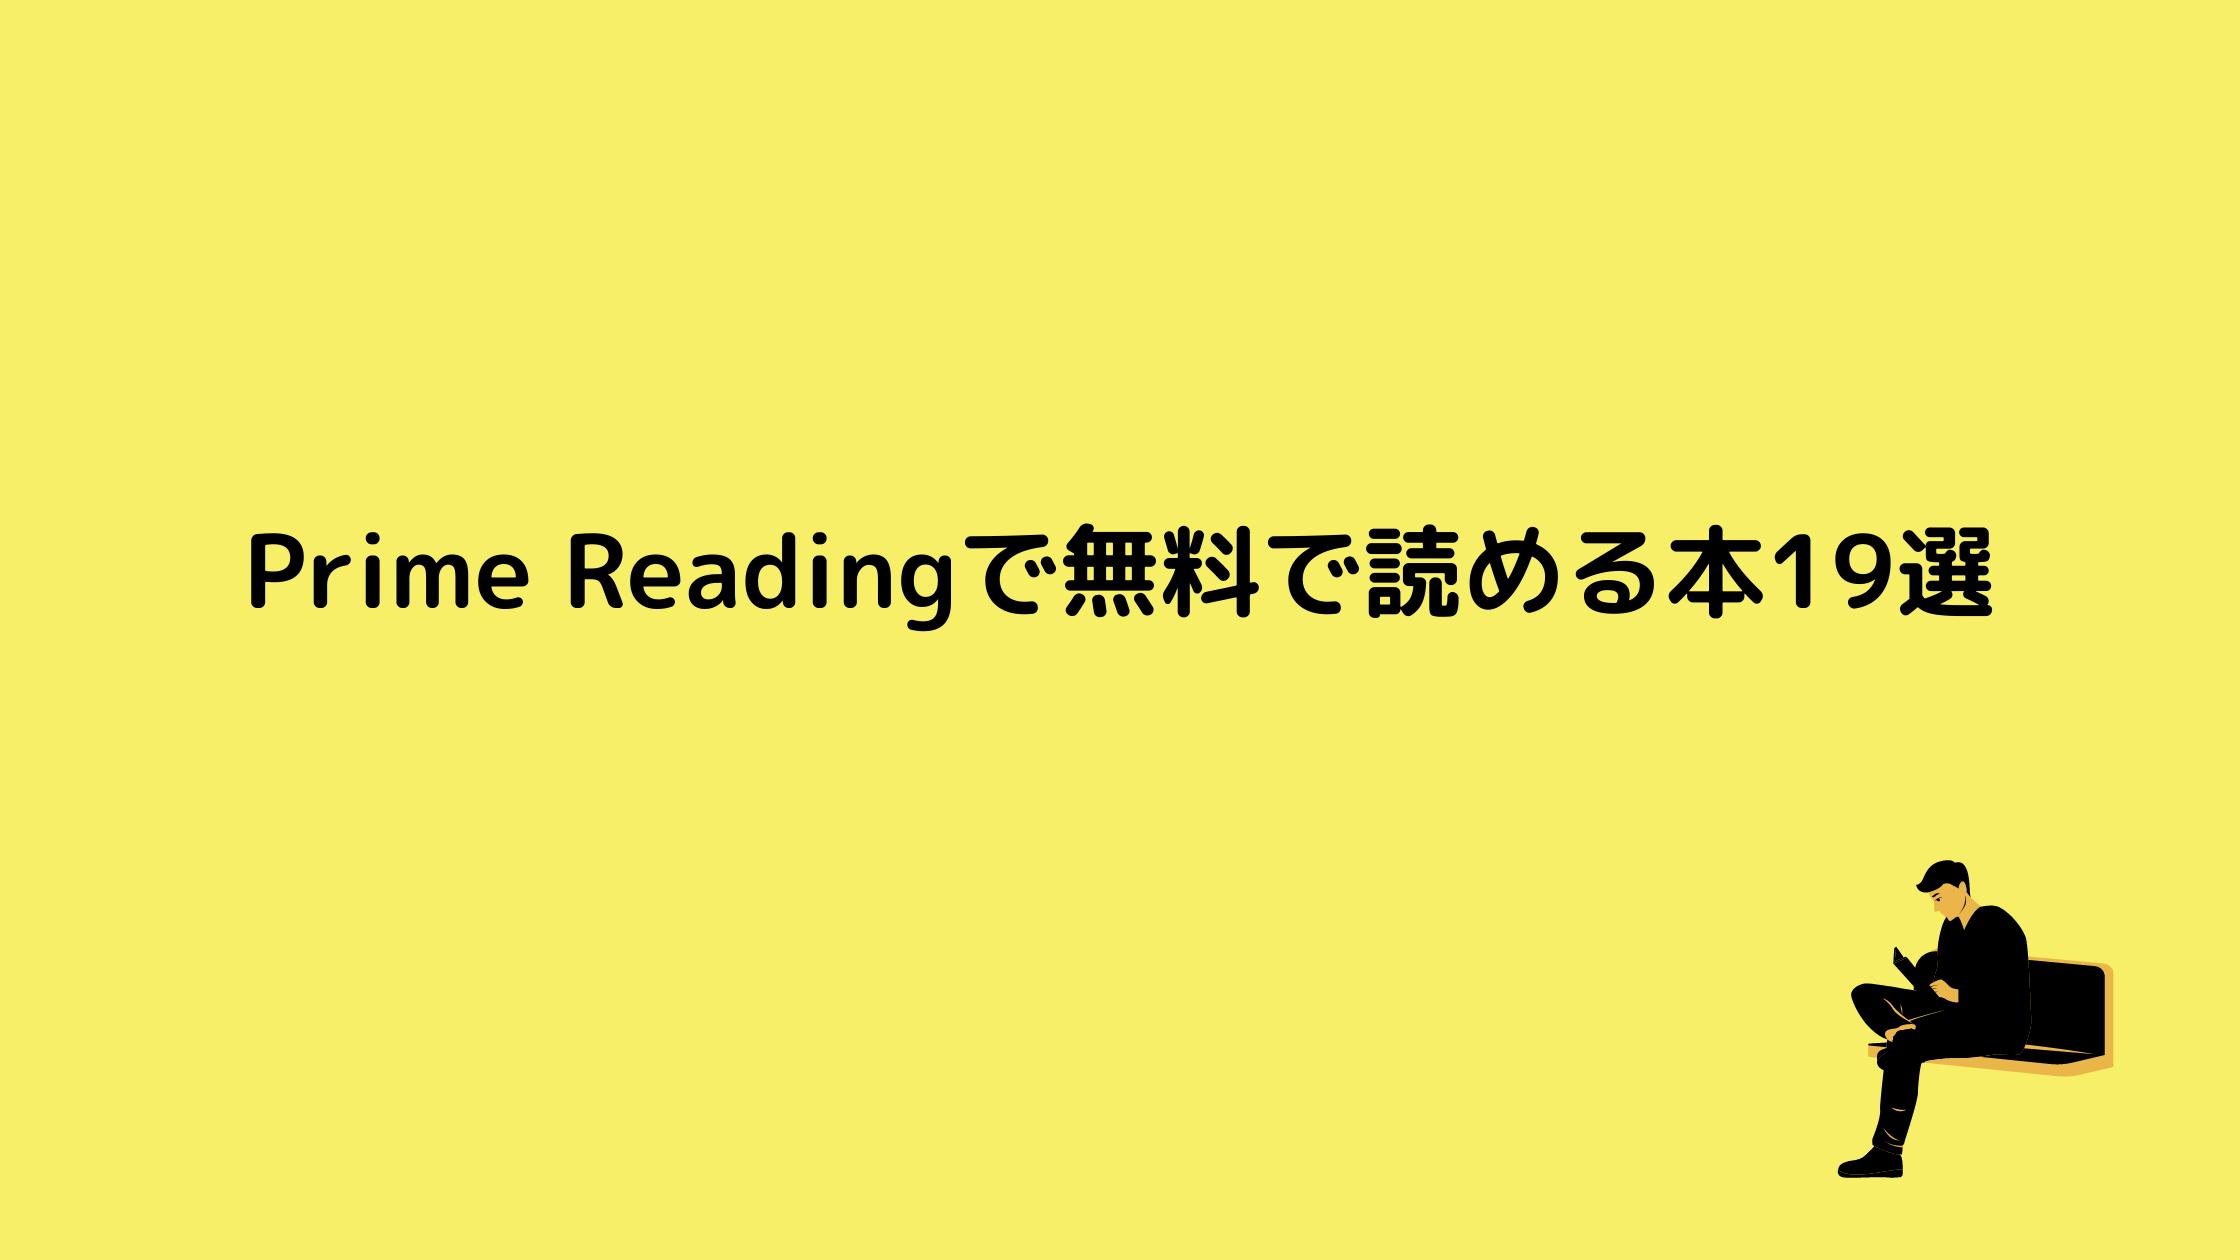 【2020年8月最新版】Prime Readingで無料で読める本19選